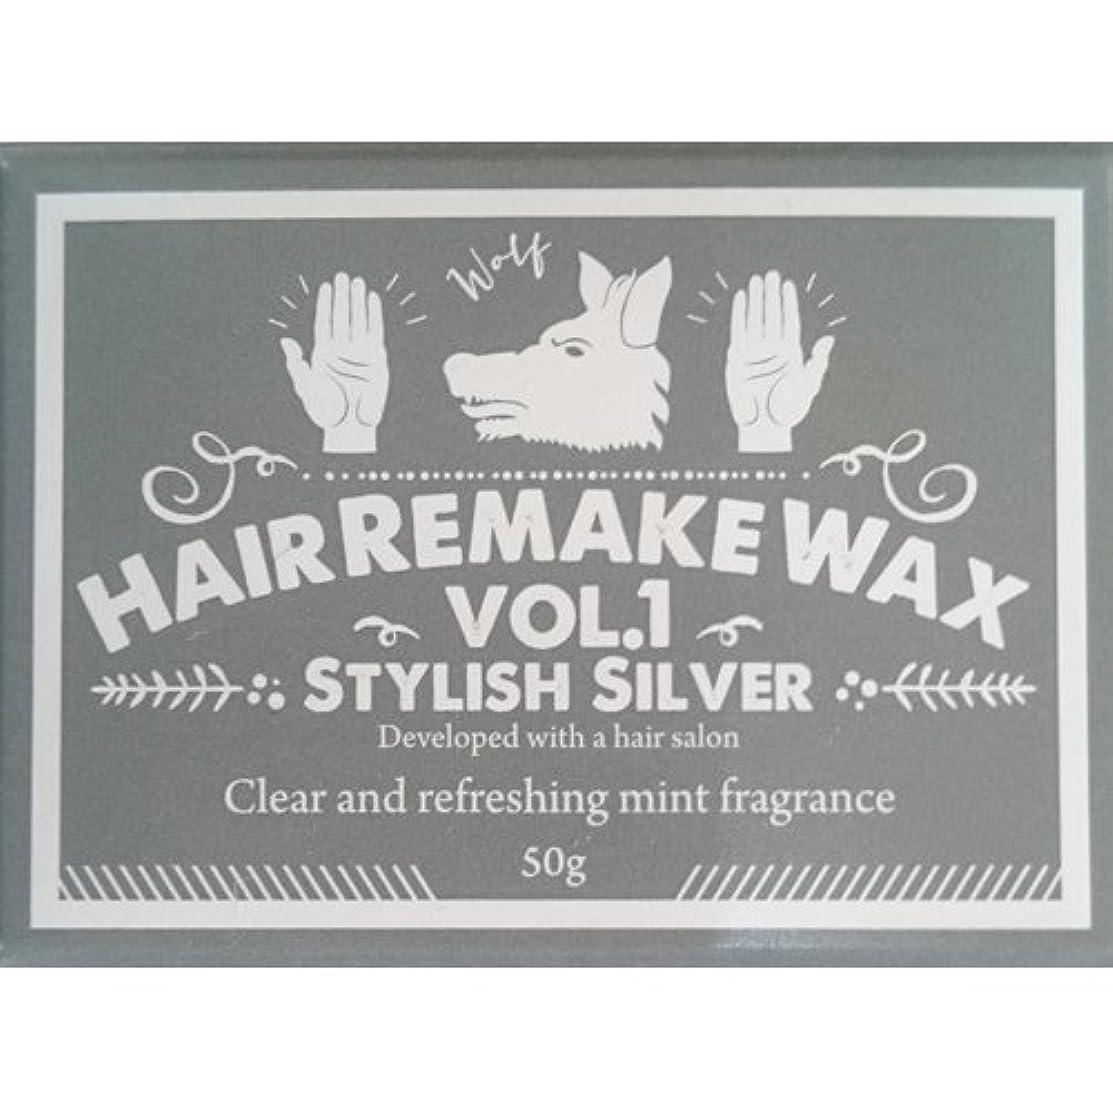 資格情報フラグラント未満Hair Remake(ヘアーリメイク)WAX Vol.1 スタイリッシュシルバー 50g